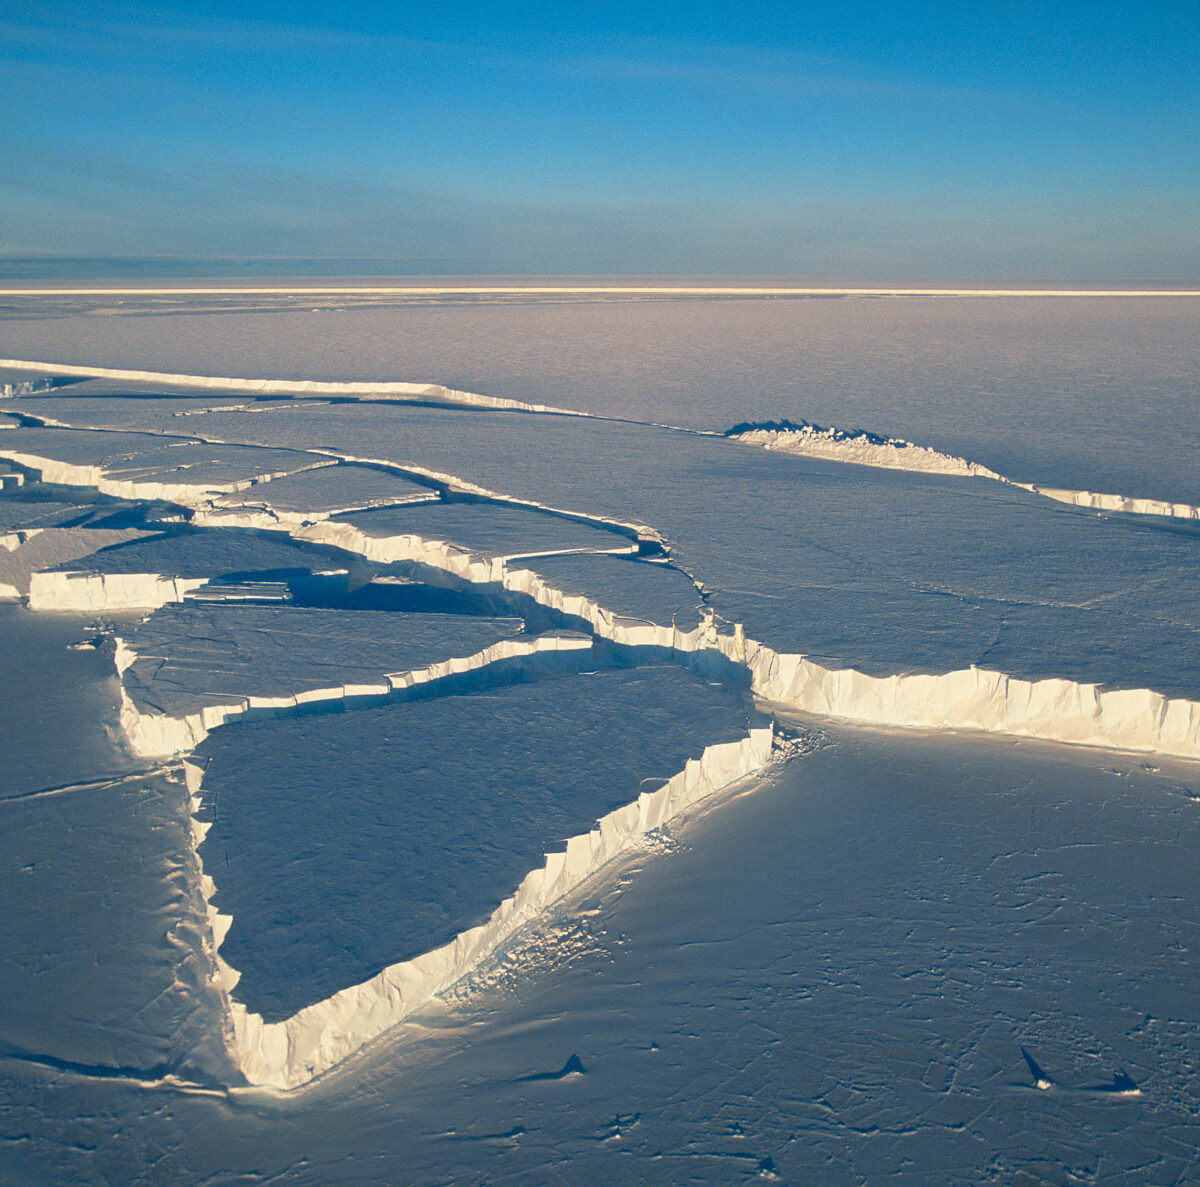 Antartique trou couche d'ozone